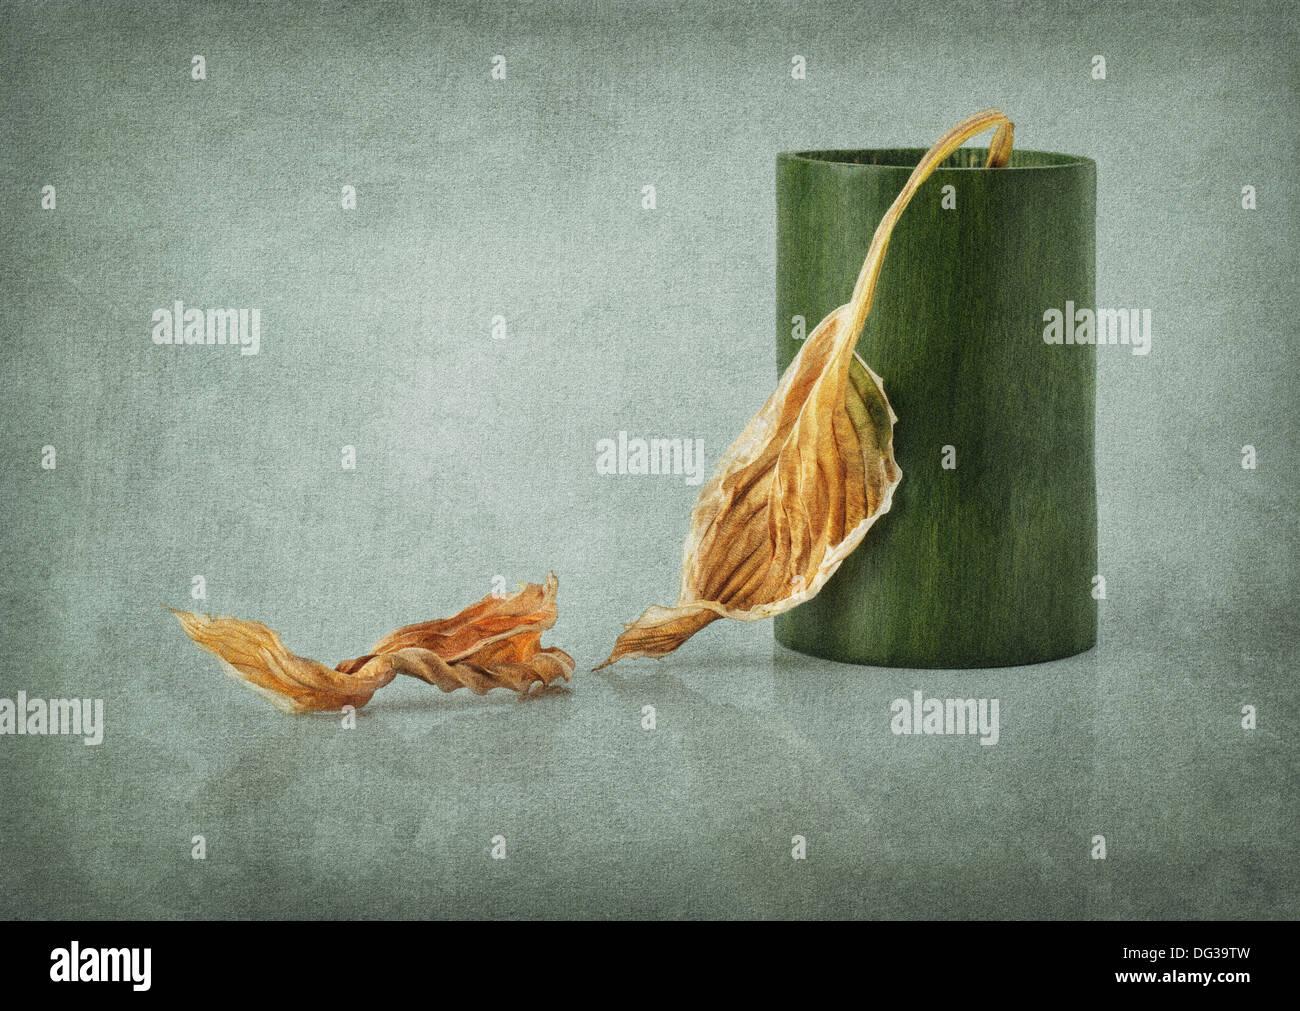 Otoño bodegón con superposición de textura granulada Imagen De Stock